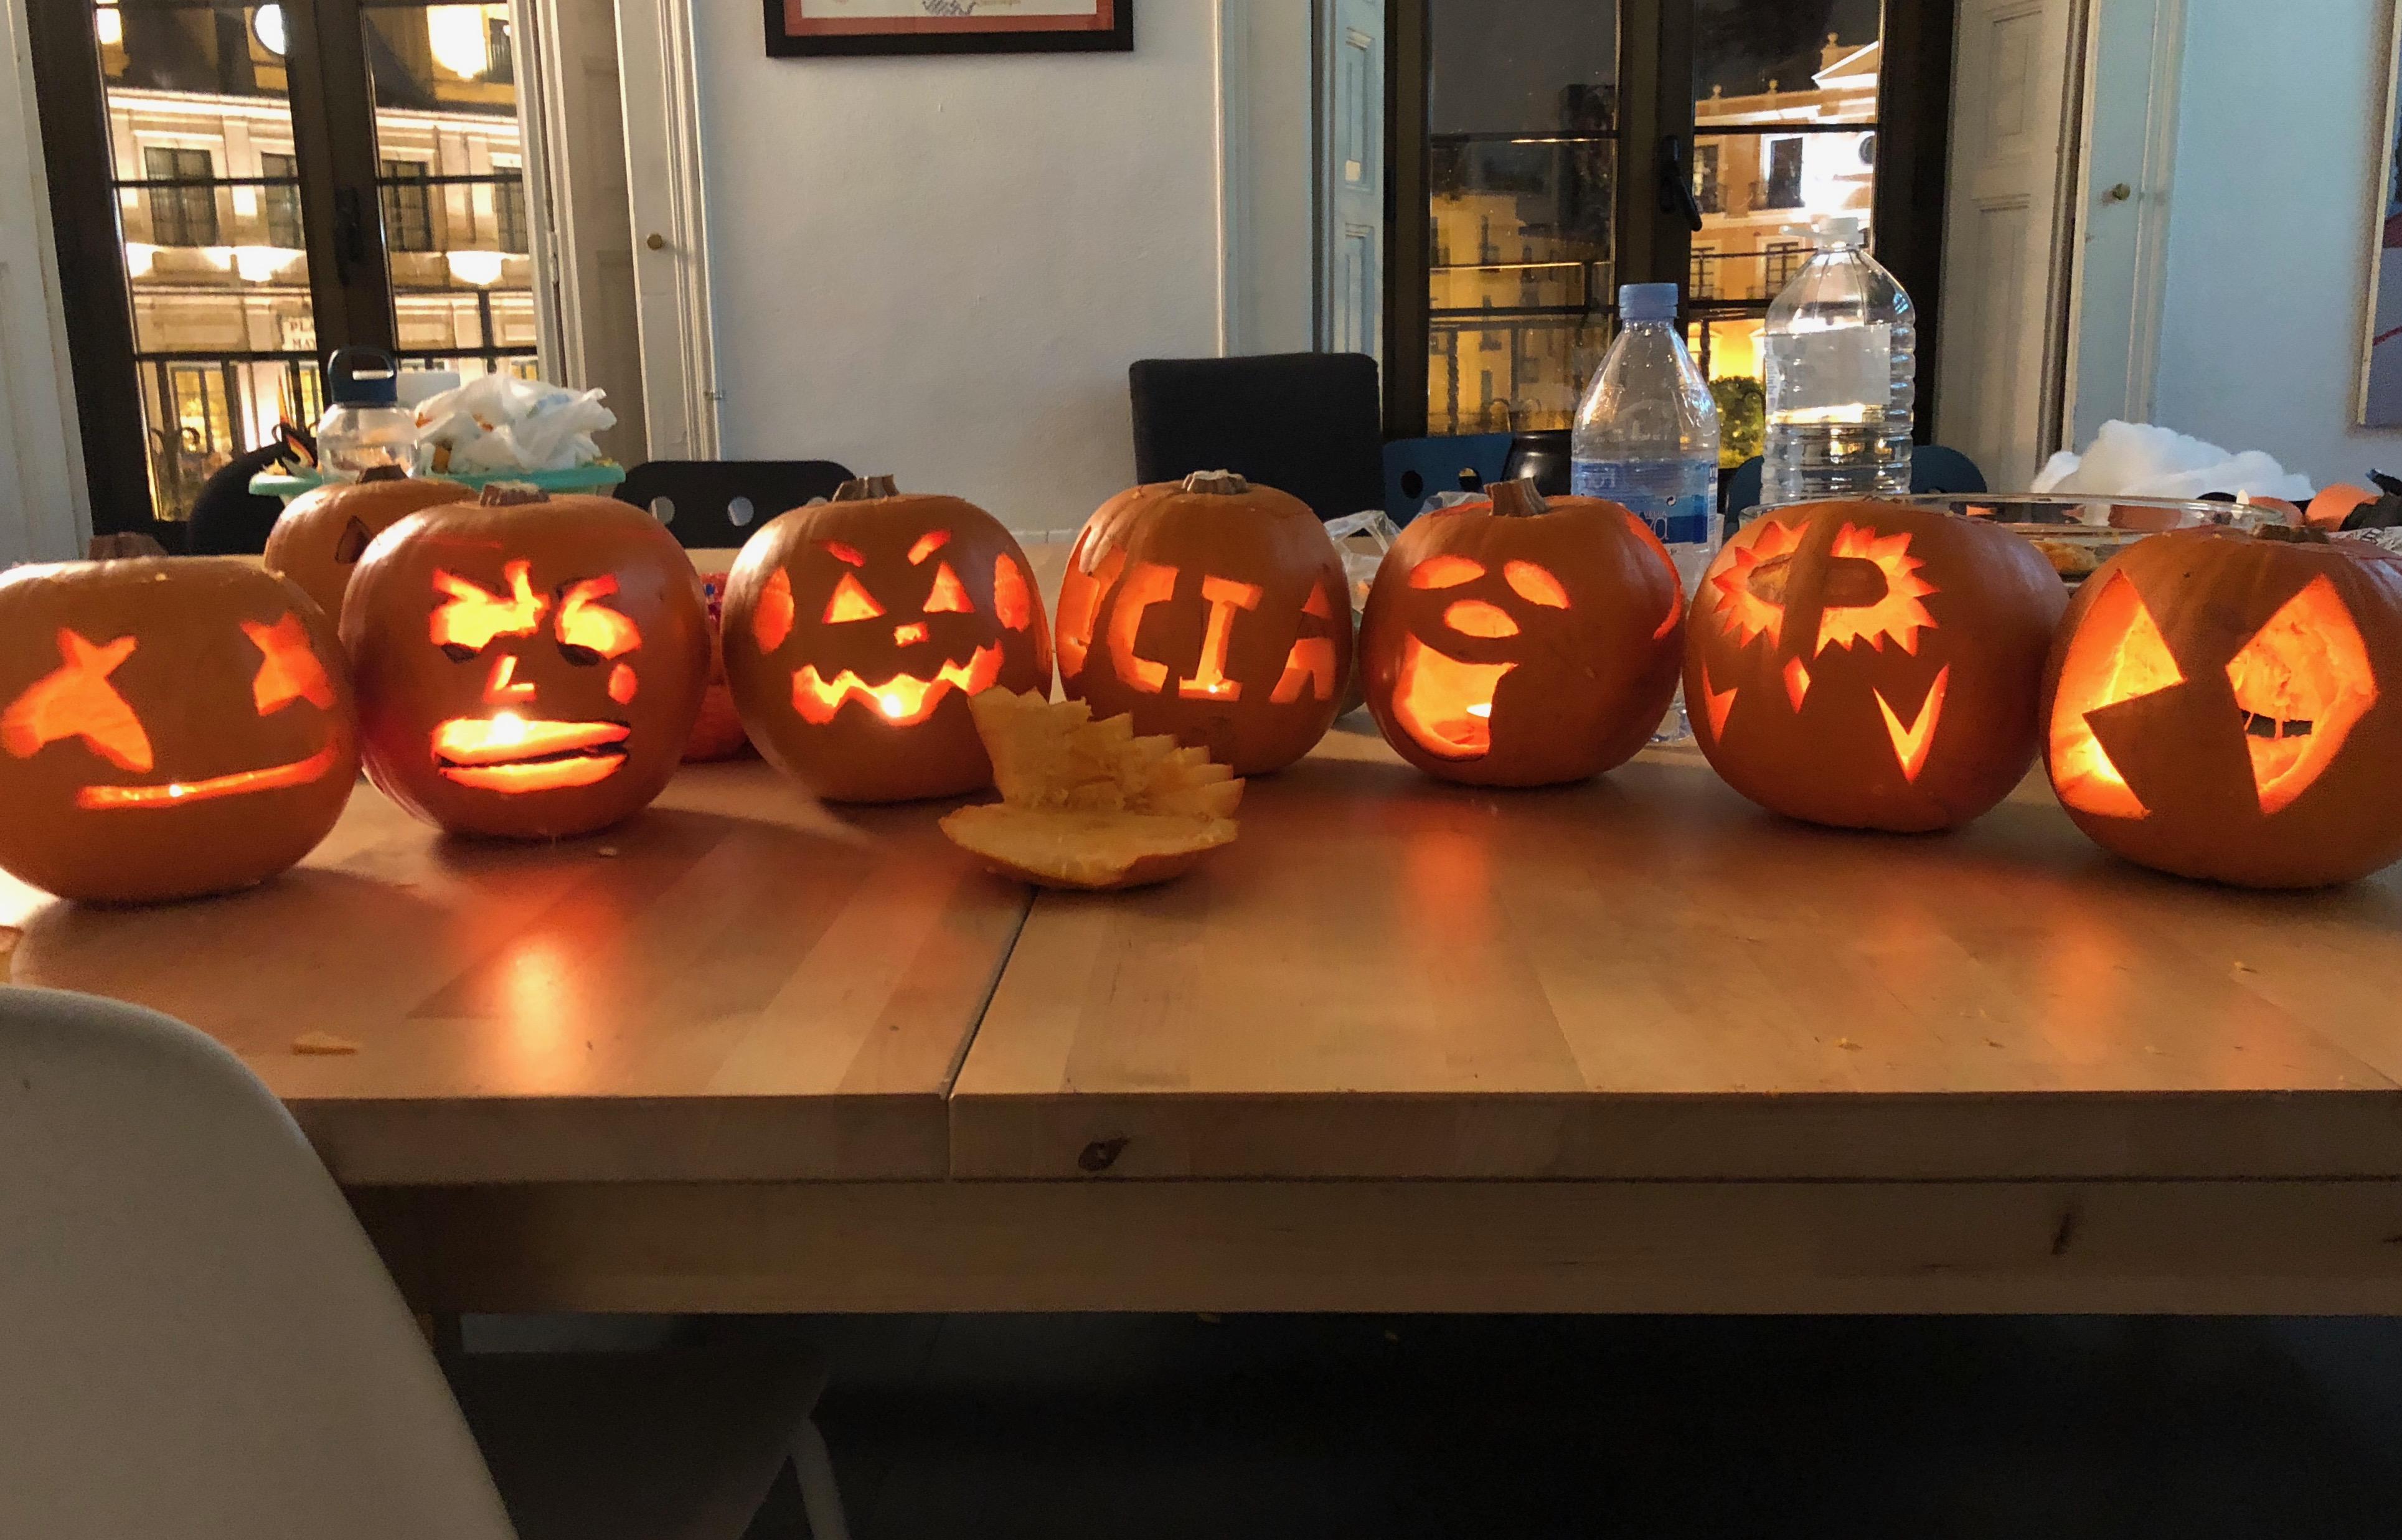 Proctor en Segovia celebrates Halloween in Segovia.